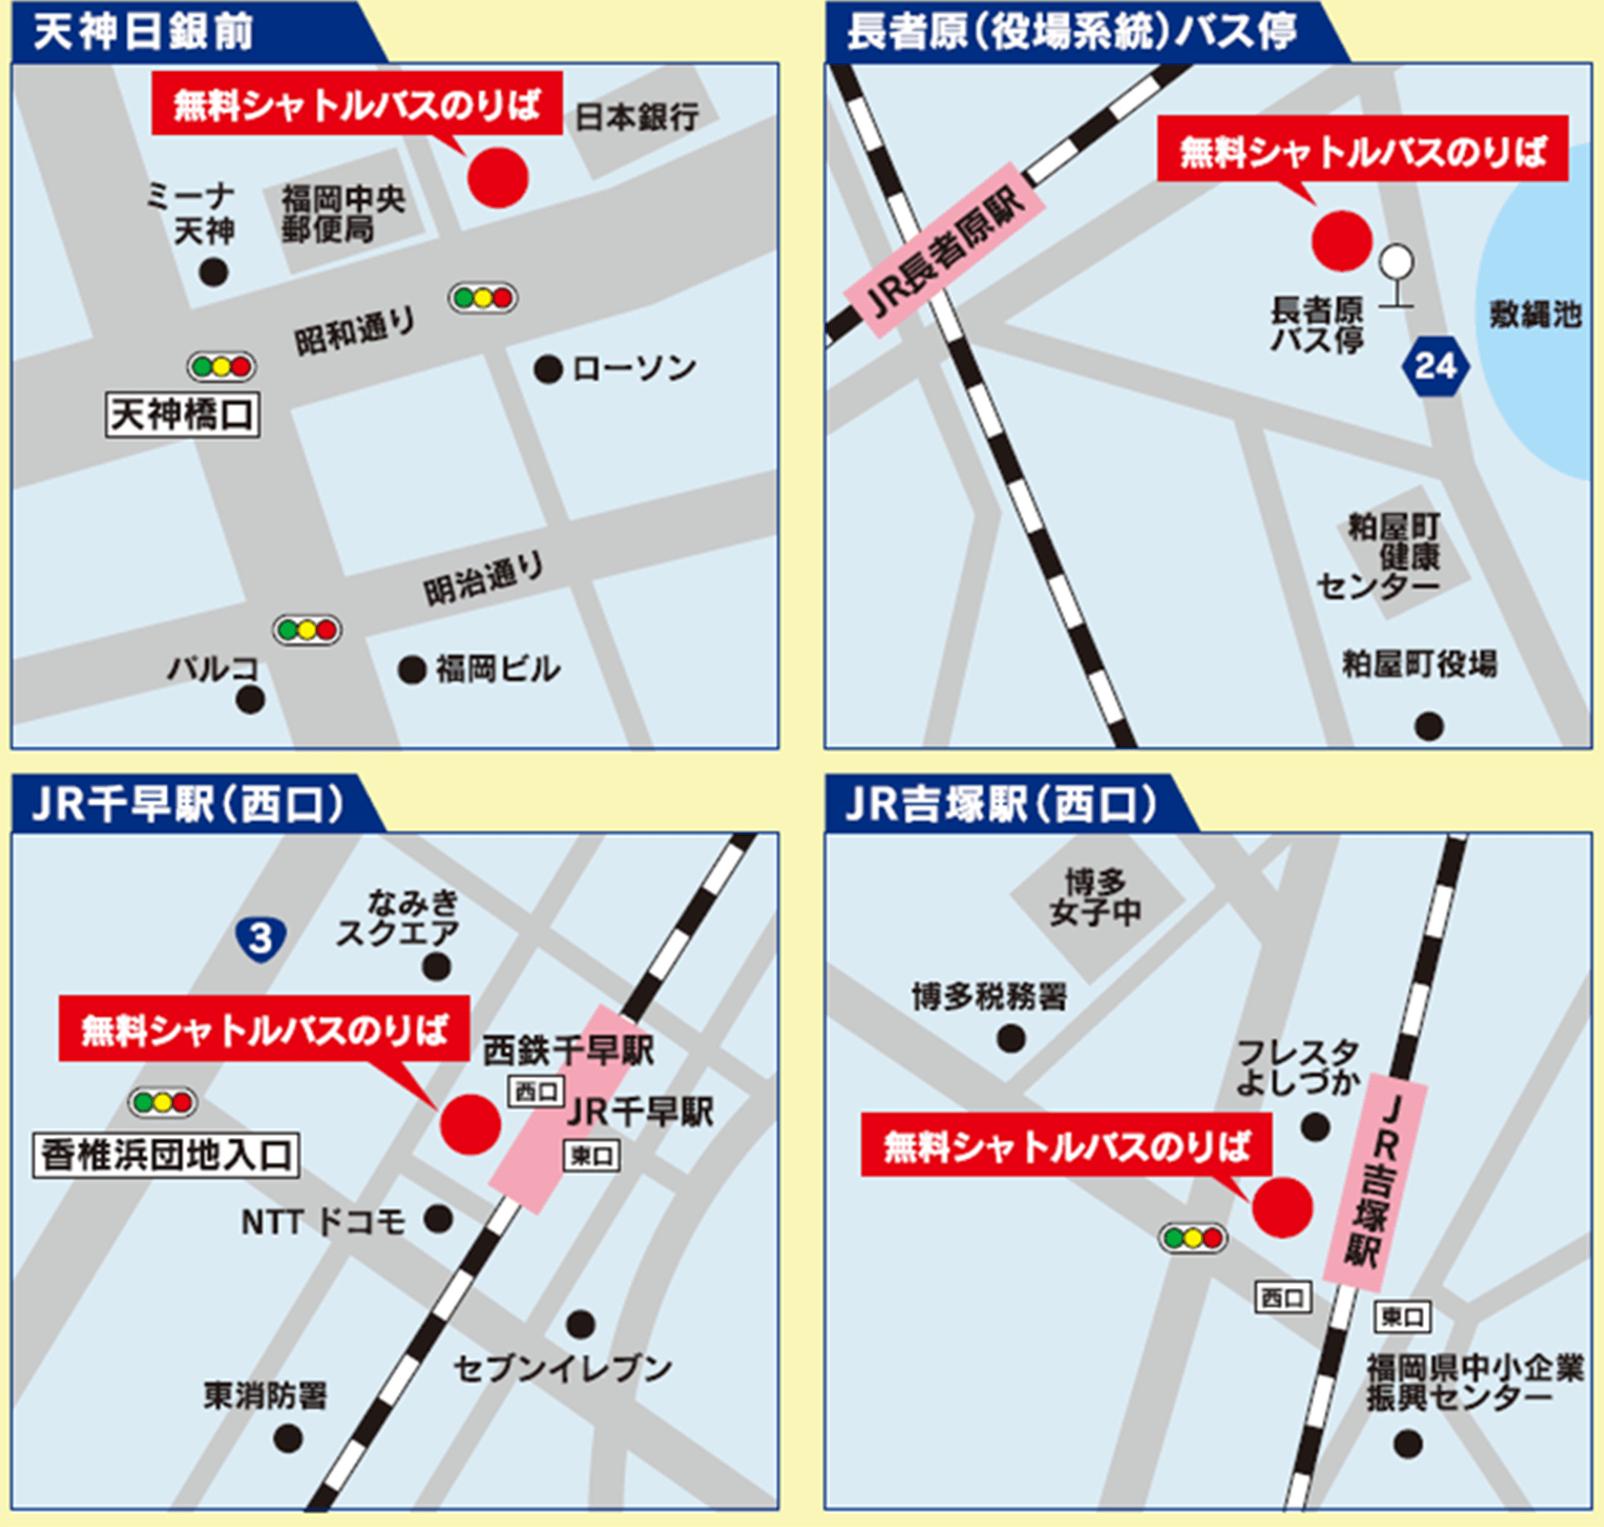 第39回 福岡流通センターまつり無料シャトルバス発着場所